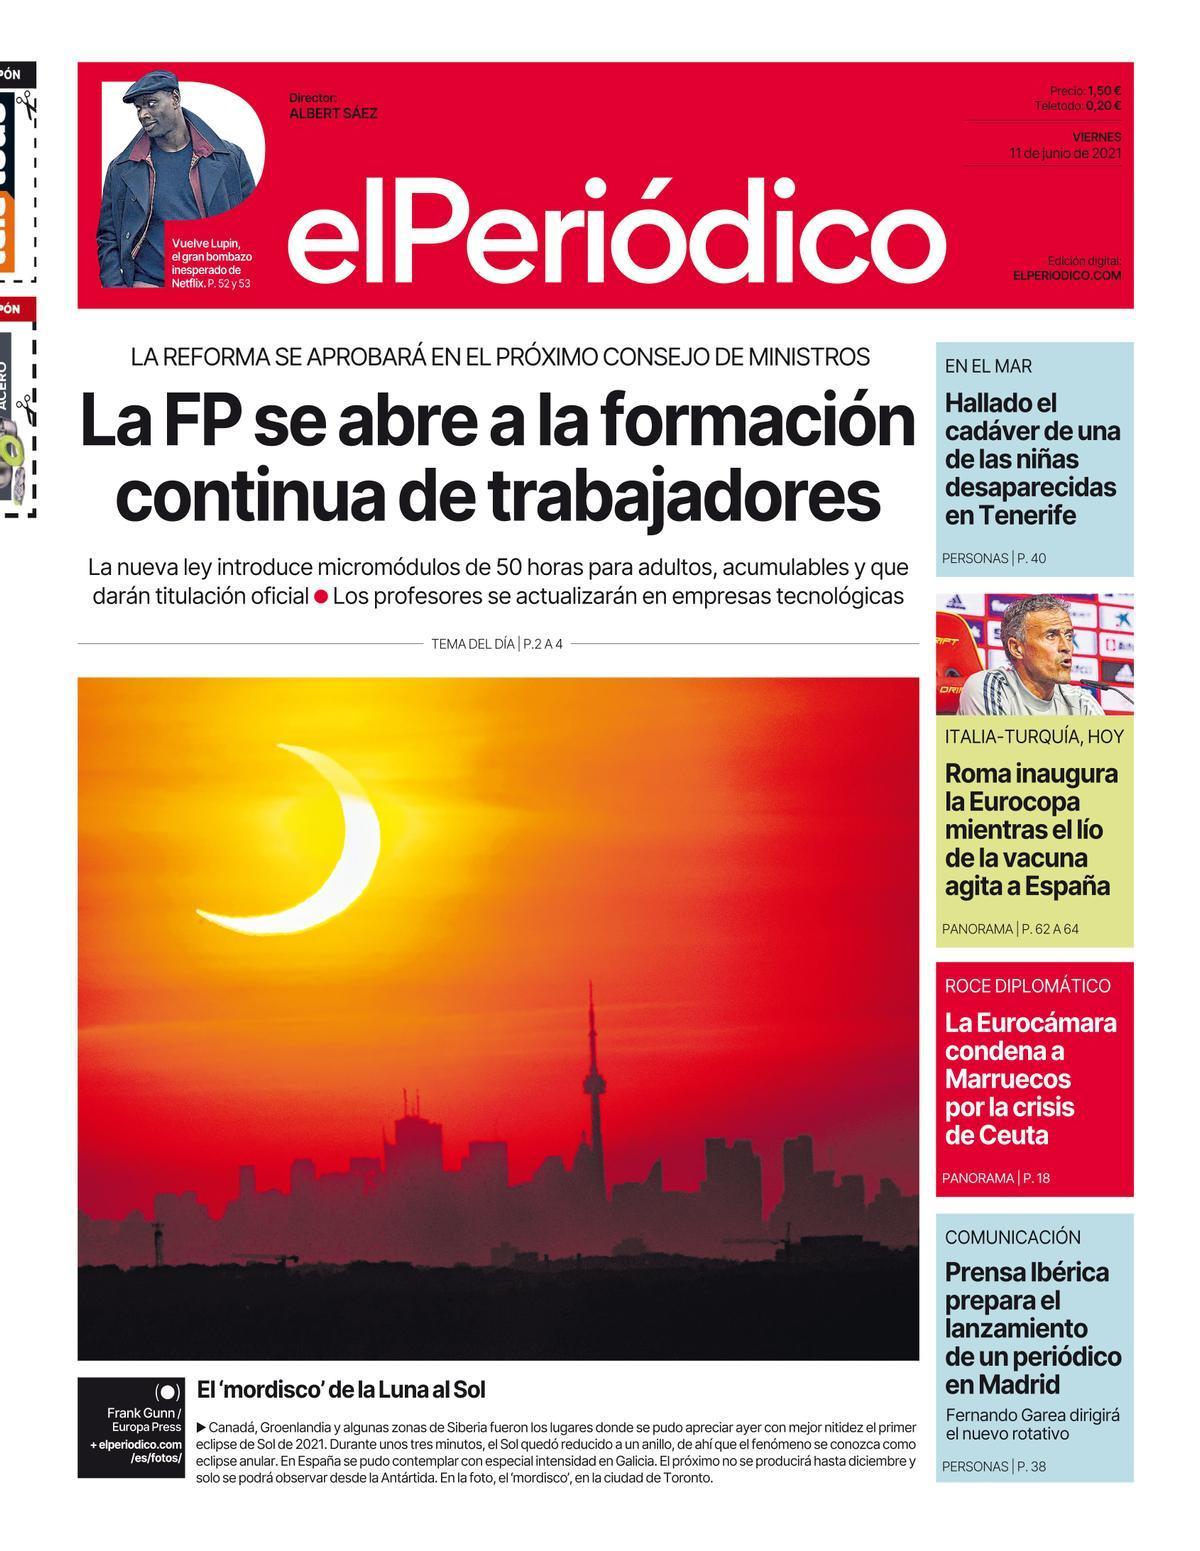 La portada de EL PERIÓDICO del 11 de junio de 2021